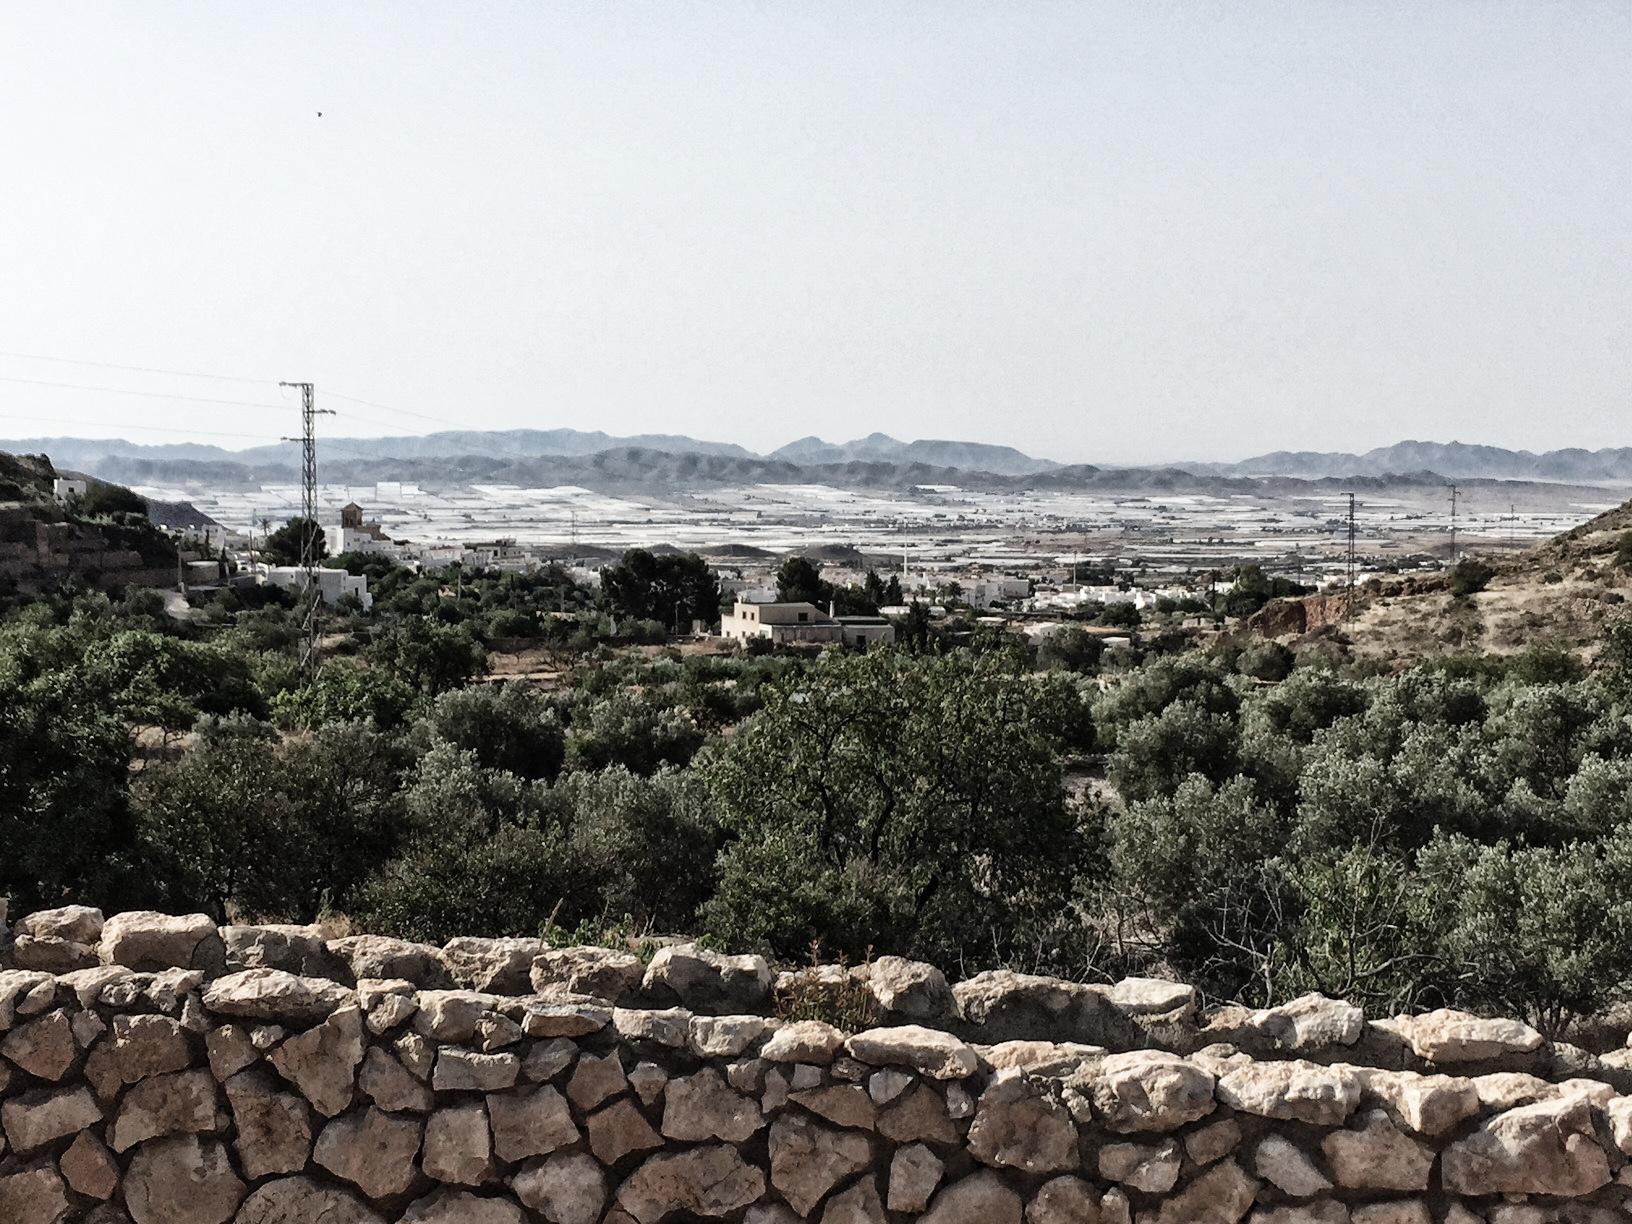 Andalusien Rundreise: Die Treibhäuser drängen immer mehr in die Landschaft um Almeria